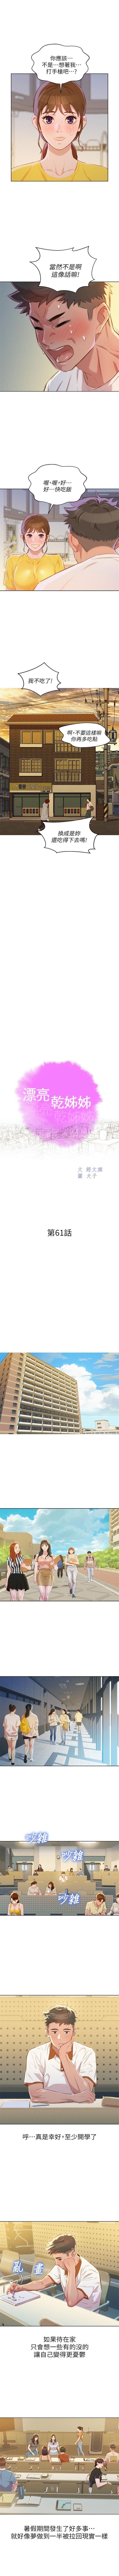 (周7)漂亮干姐姐  1-81 中文翻译 (更新中) 319